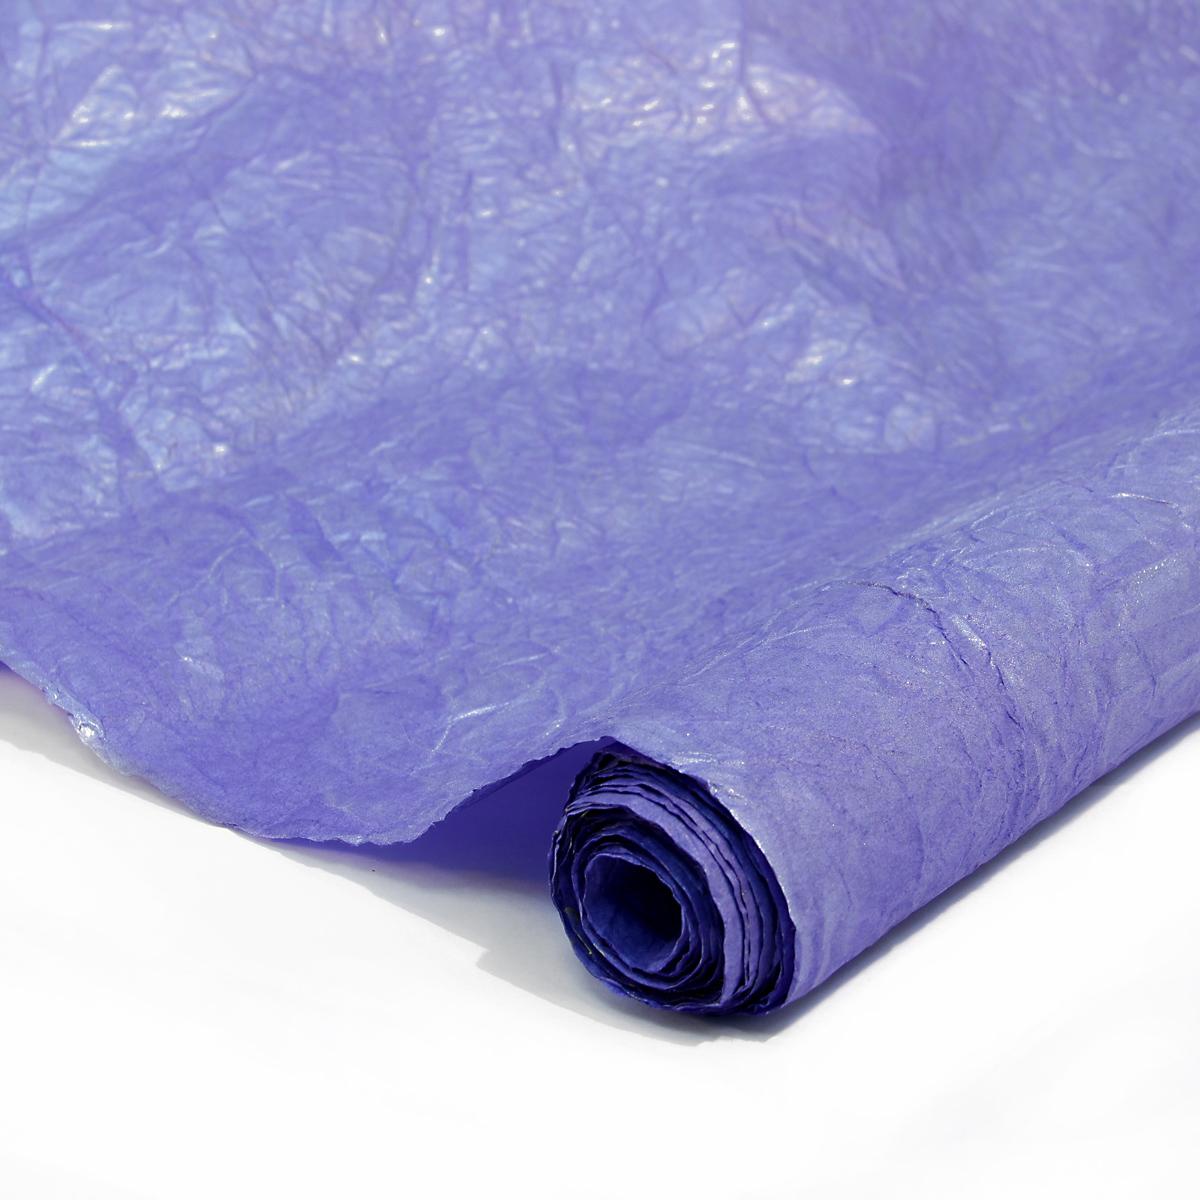 Бумага упаковочная Veld-Co Эколюкc, цвет: лавандовый, серебристый, 70 см х 5 м44089Бумага Veld-Co Эколюкc - это универсальный материал дляупаковки подарков и оформления букетов. Она достаточноплотная и в тоже время пластичная. Благодаря органичнойфактуре, великолепно ложится и на нестандартные формы(круглые, овальные). Эта бумага хорошо комбинируется с другими материалами. Её можноиспользовать в качестве декоративных элементов. К ней легко подобратьаксессуары - подойдут натуральные шнуры, рафия, ленты (репсовая,шёлковая, хлопковая). Благодаря этому материалу - мастер выполнитлюбую задачу, поставленную перед ним. Ко всему прочему- бумагу в рулоне удобнее хранить, использовать,транспортировать.